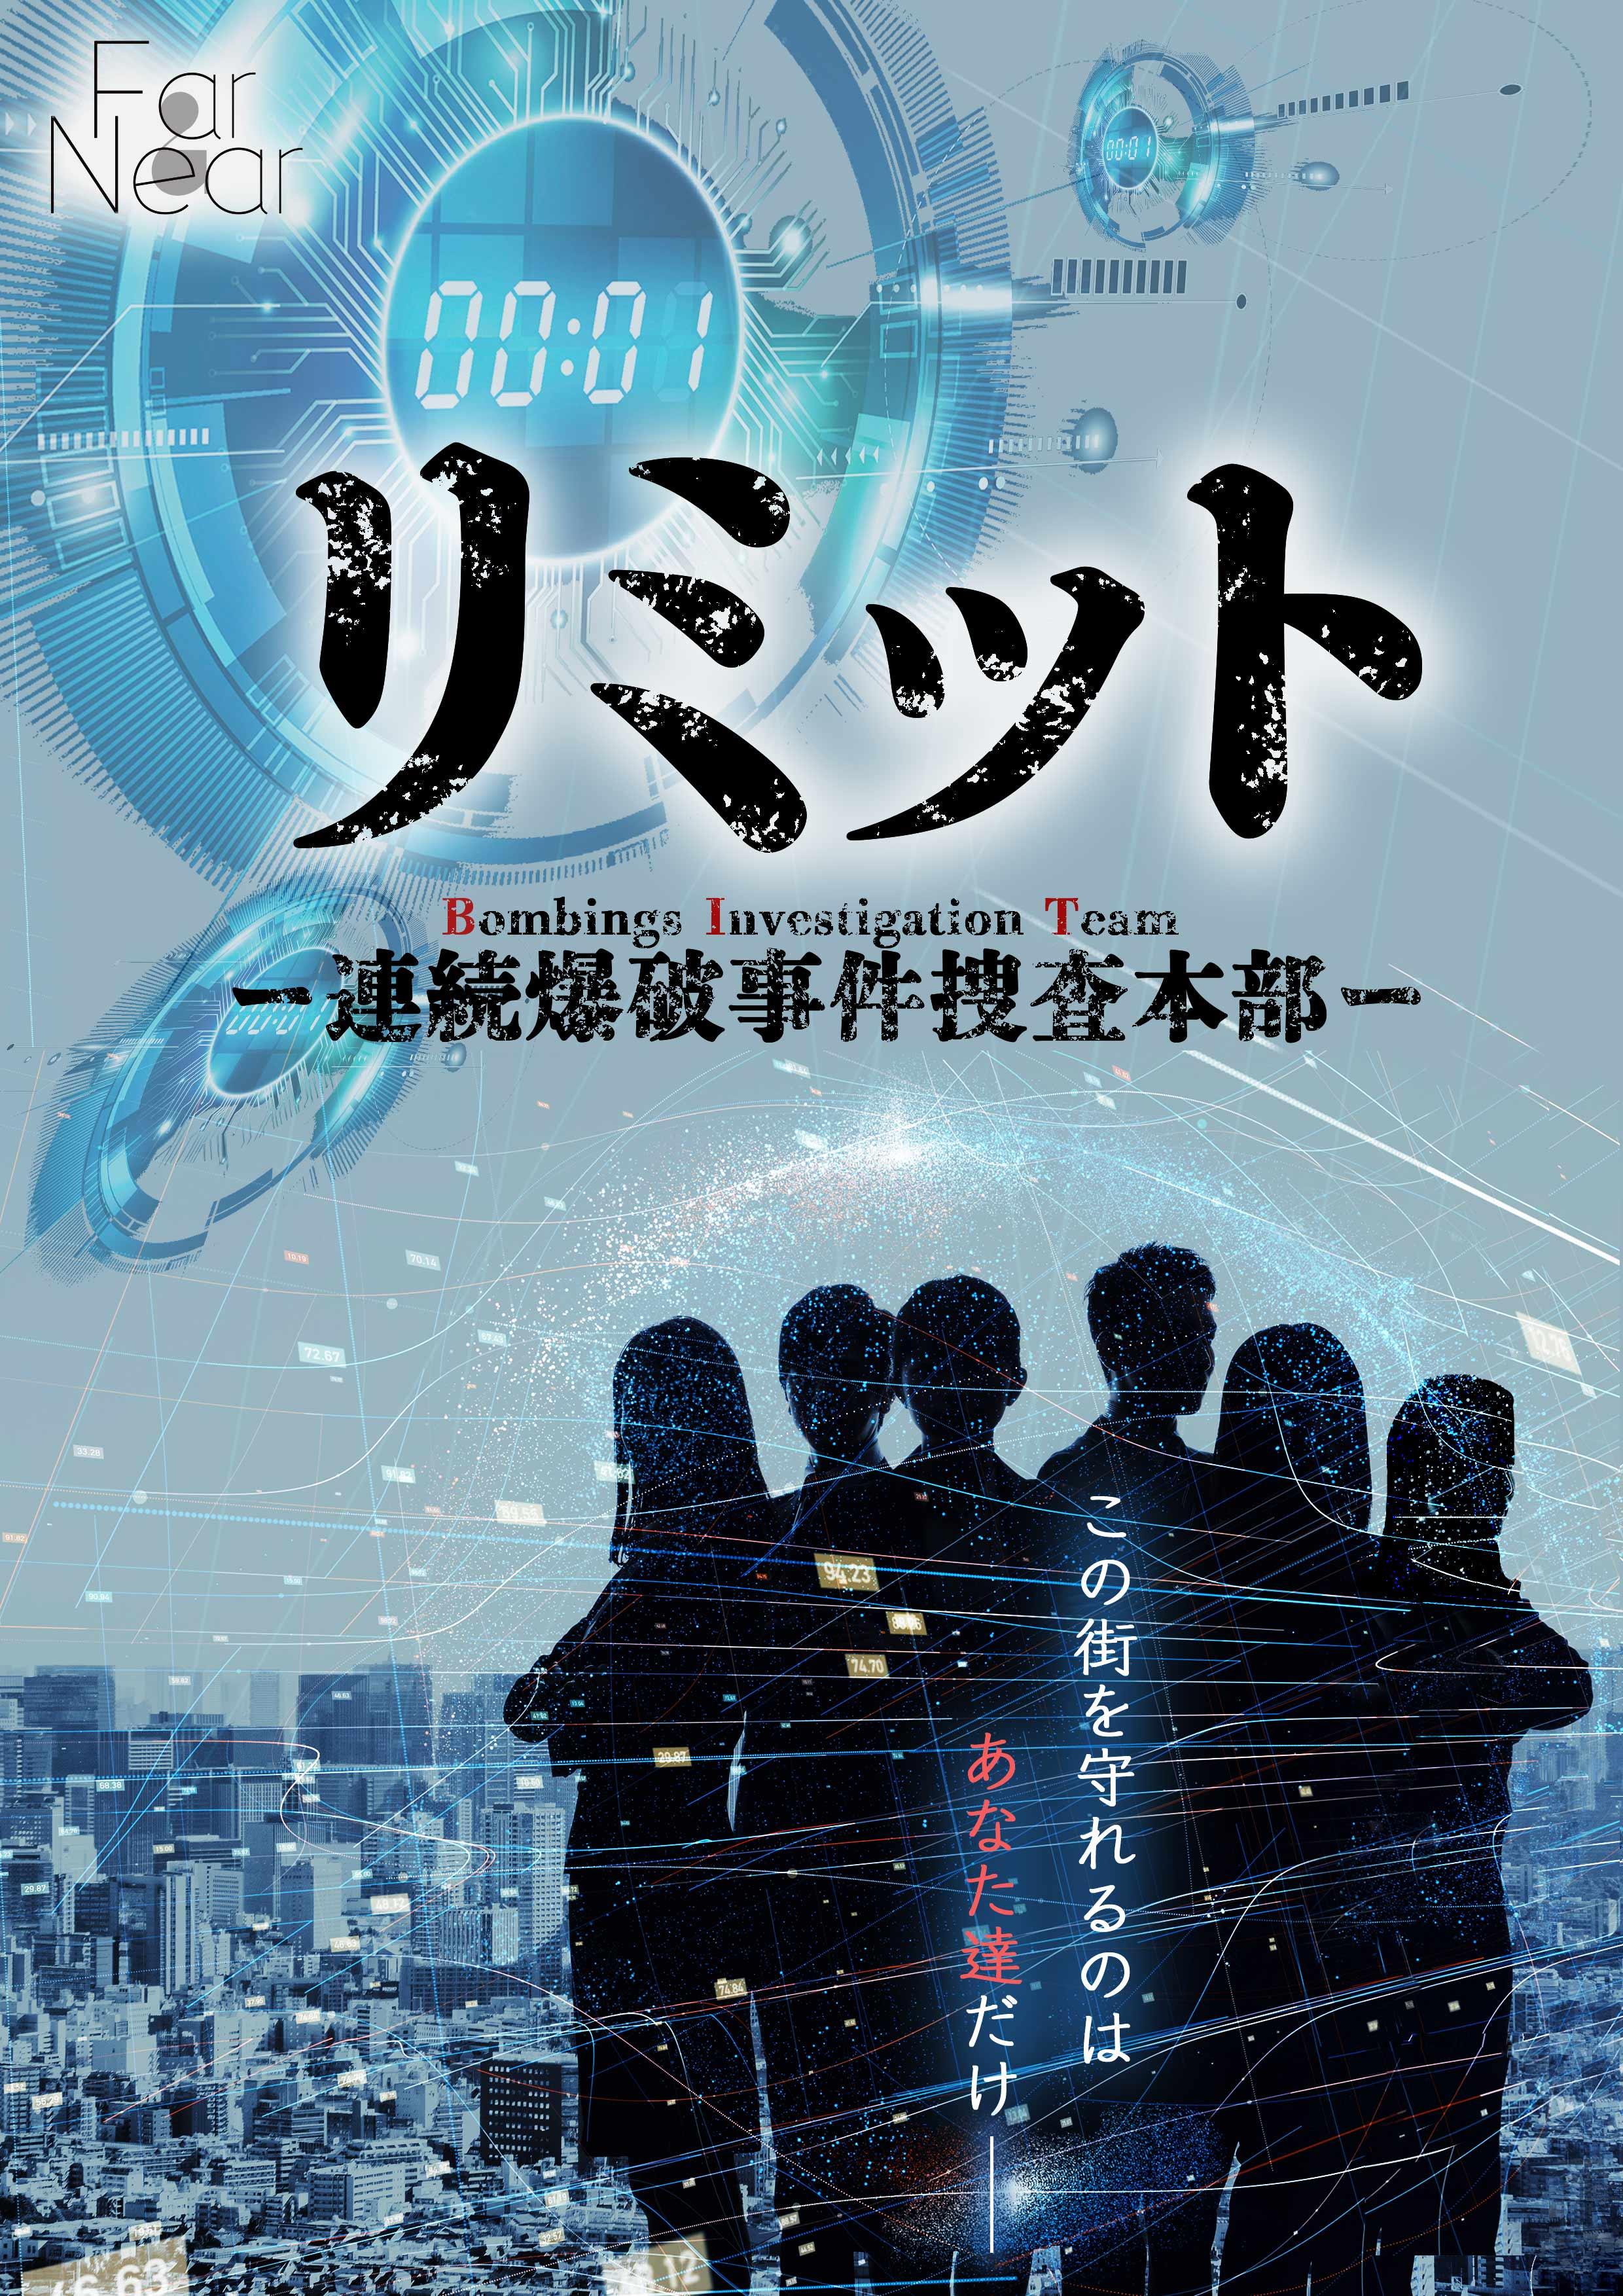 リミット ー連続爆破事件捜査本部ー(7/10,11(土,日)開催)